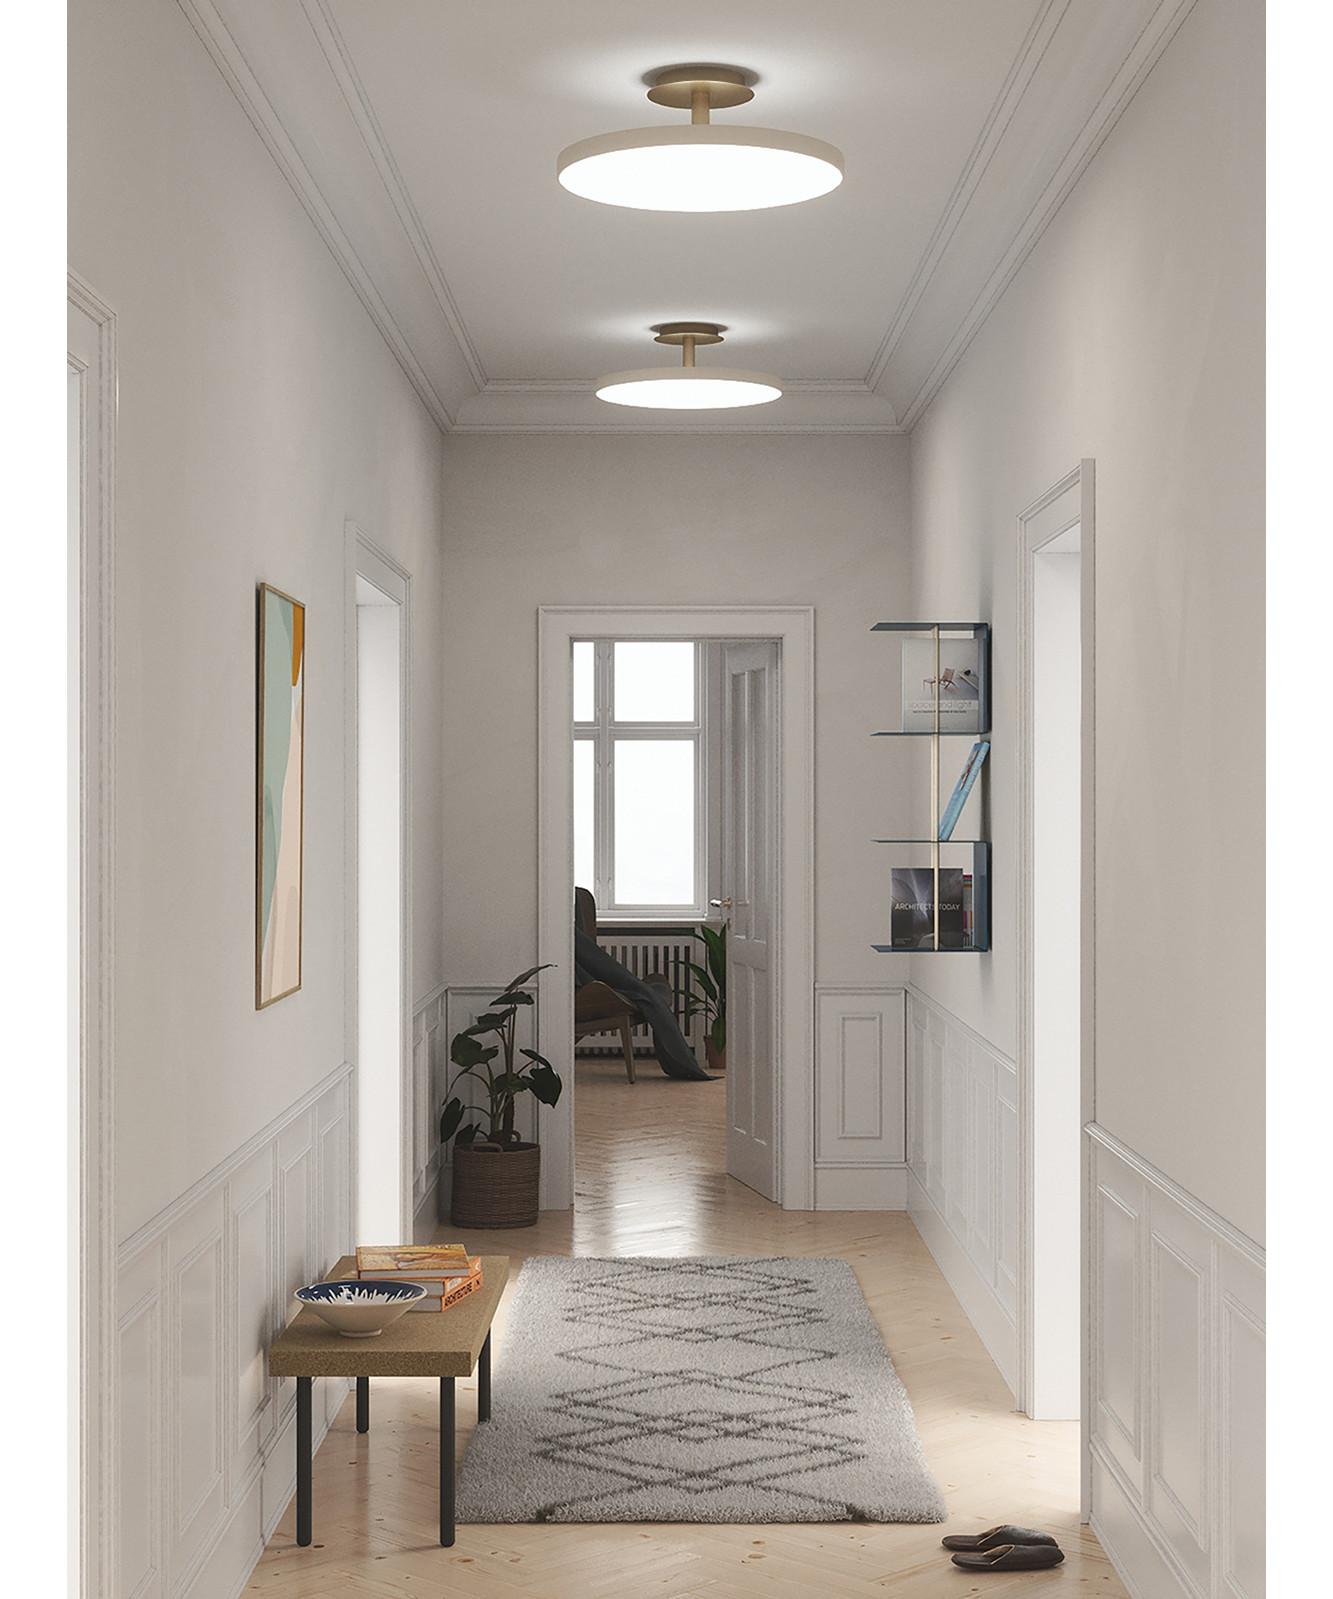 Full Size of Küche Kochinsel Wohnzimmer Stehlampe Bad Lampen Led Deckenlampe Schlafzimmer Lampe Badezimmer Decke Betten überlänge Esstisch Sofa überzug Hängelampe Wohnzimmer Lampe über Kochinsel